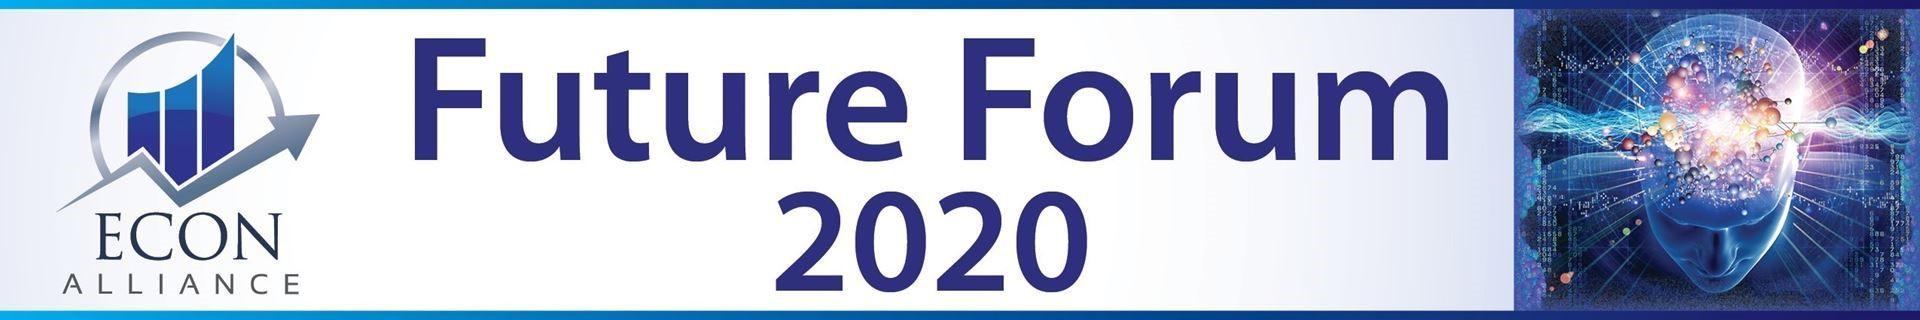 Future Forum 2020